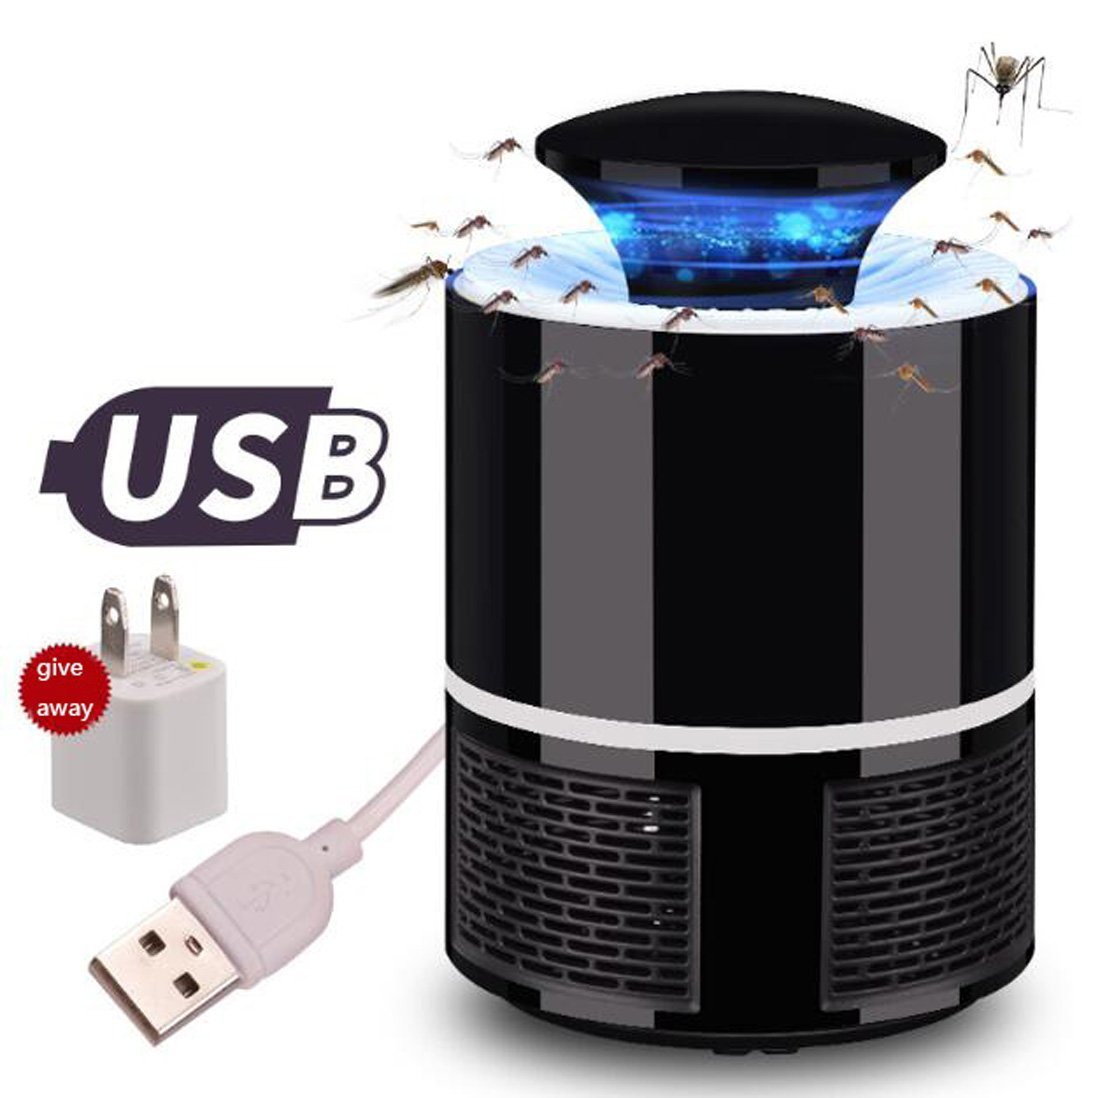 Elektronische Insektenvernichter, Insektenfalle, USB Powered Home Fliegenschutzmittel Insektenschutzmittel LED Insekt Töten Lampe Insektenvernichter Lichter Keine Strahlung Indoor & Outdoor Home Hinte